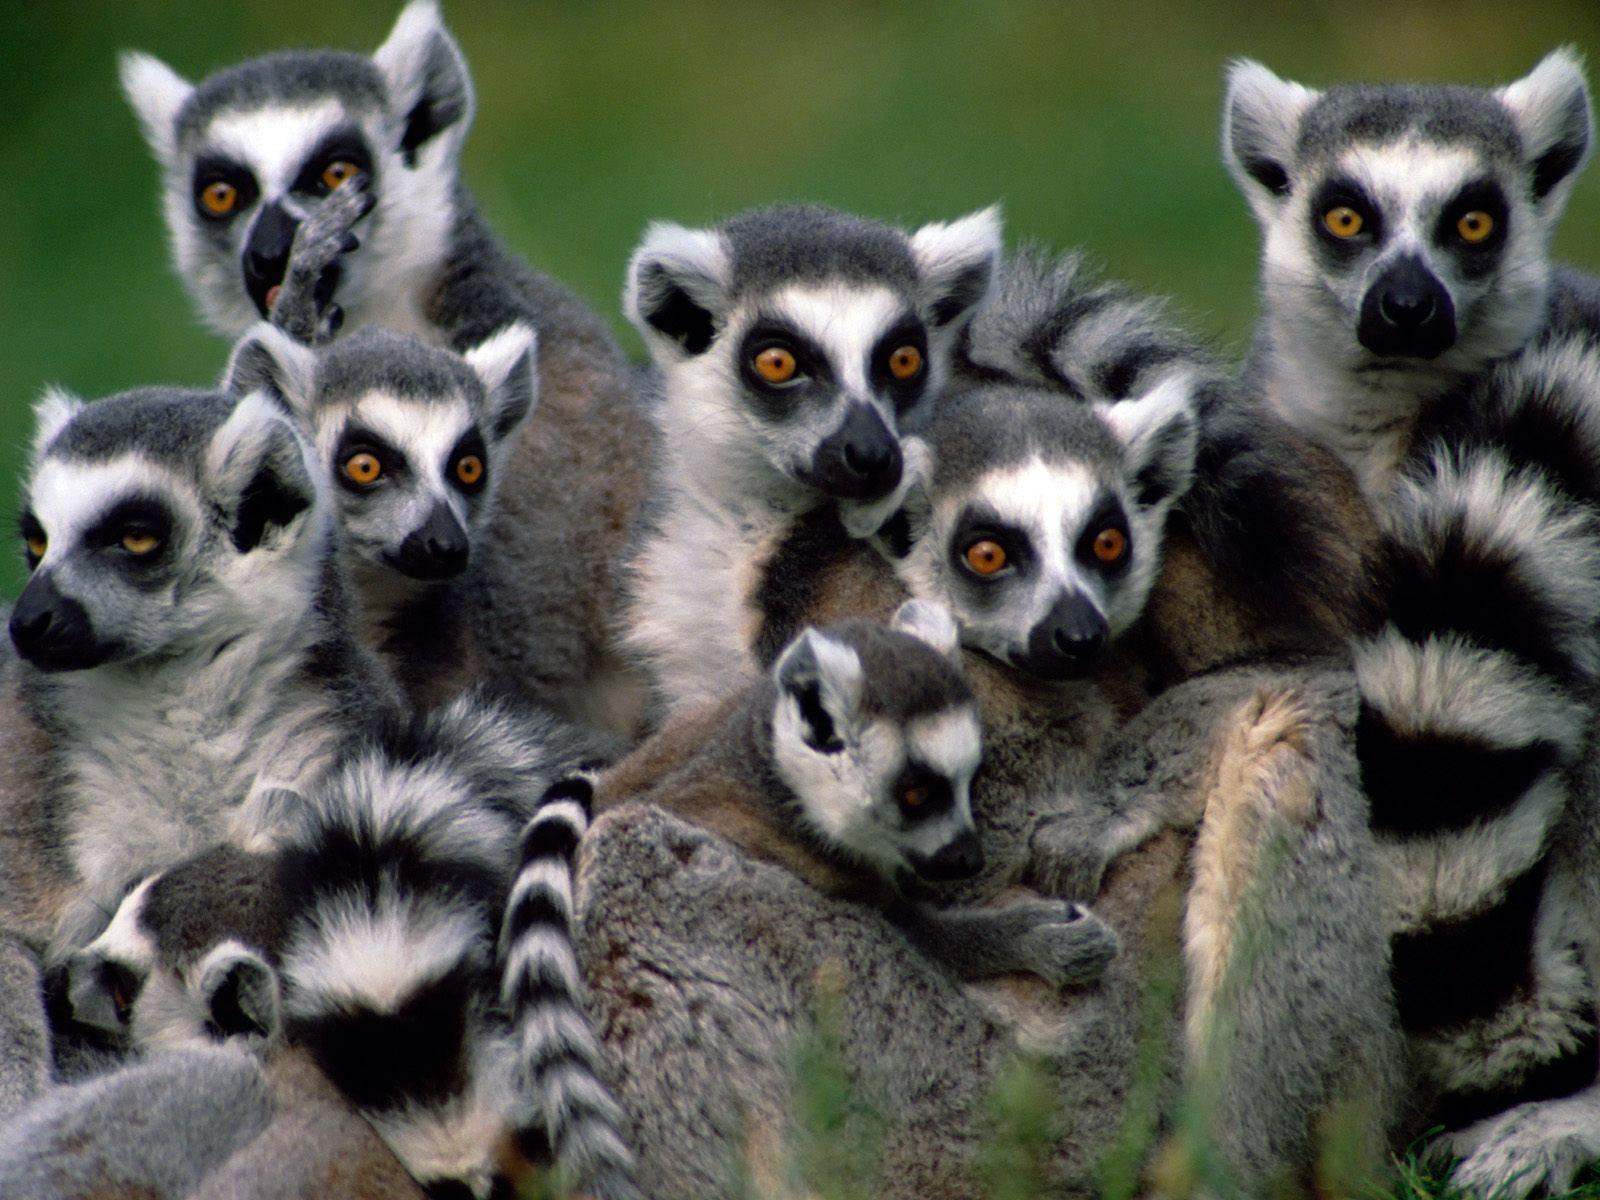 Lemurs Madagascar Lemurs